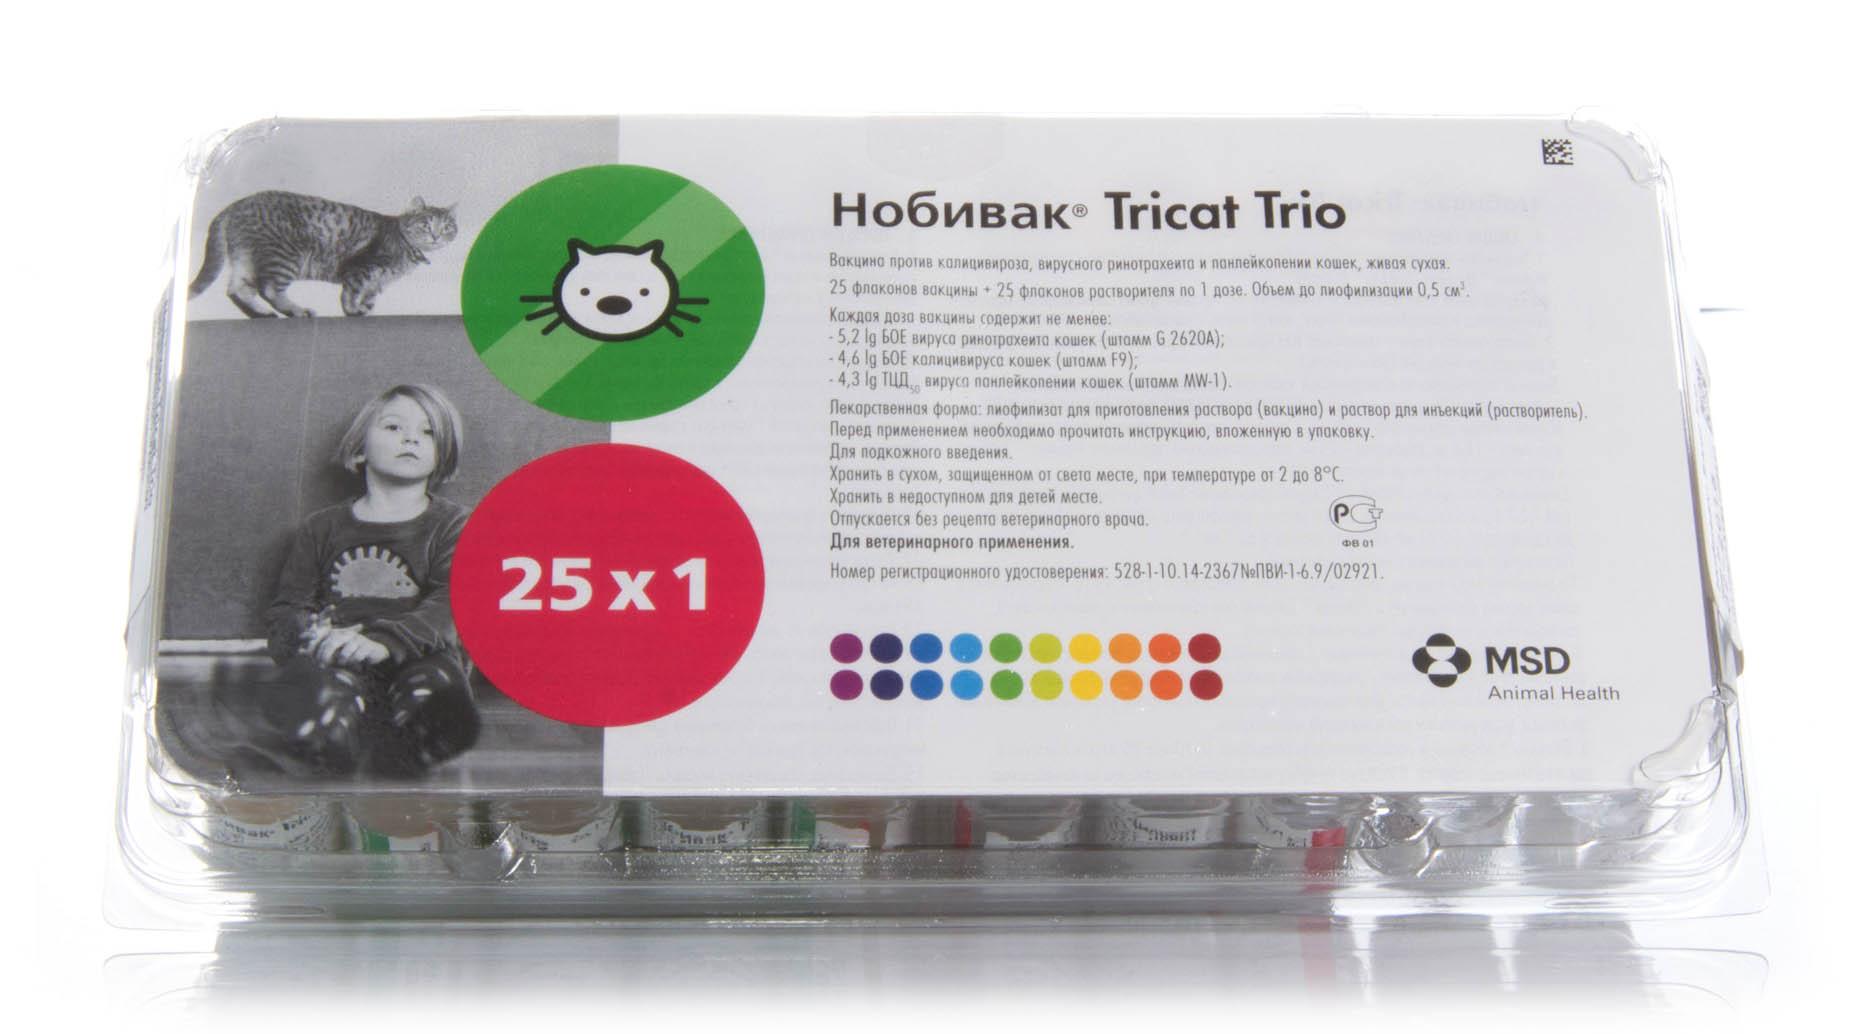 Инструкция к нобивак трикет трио